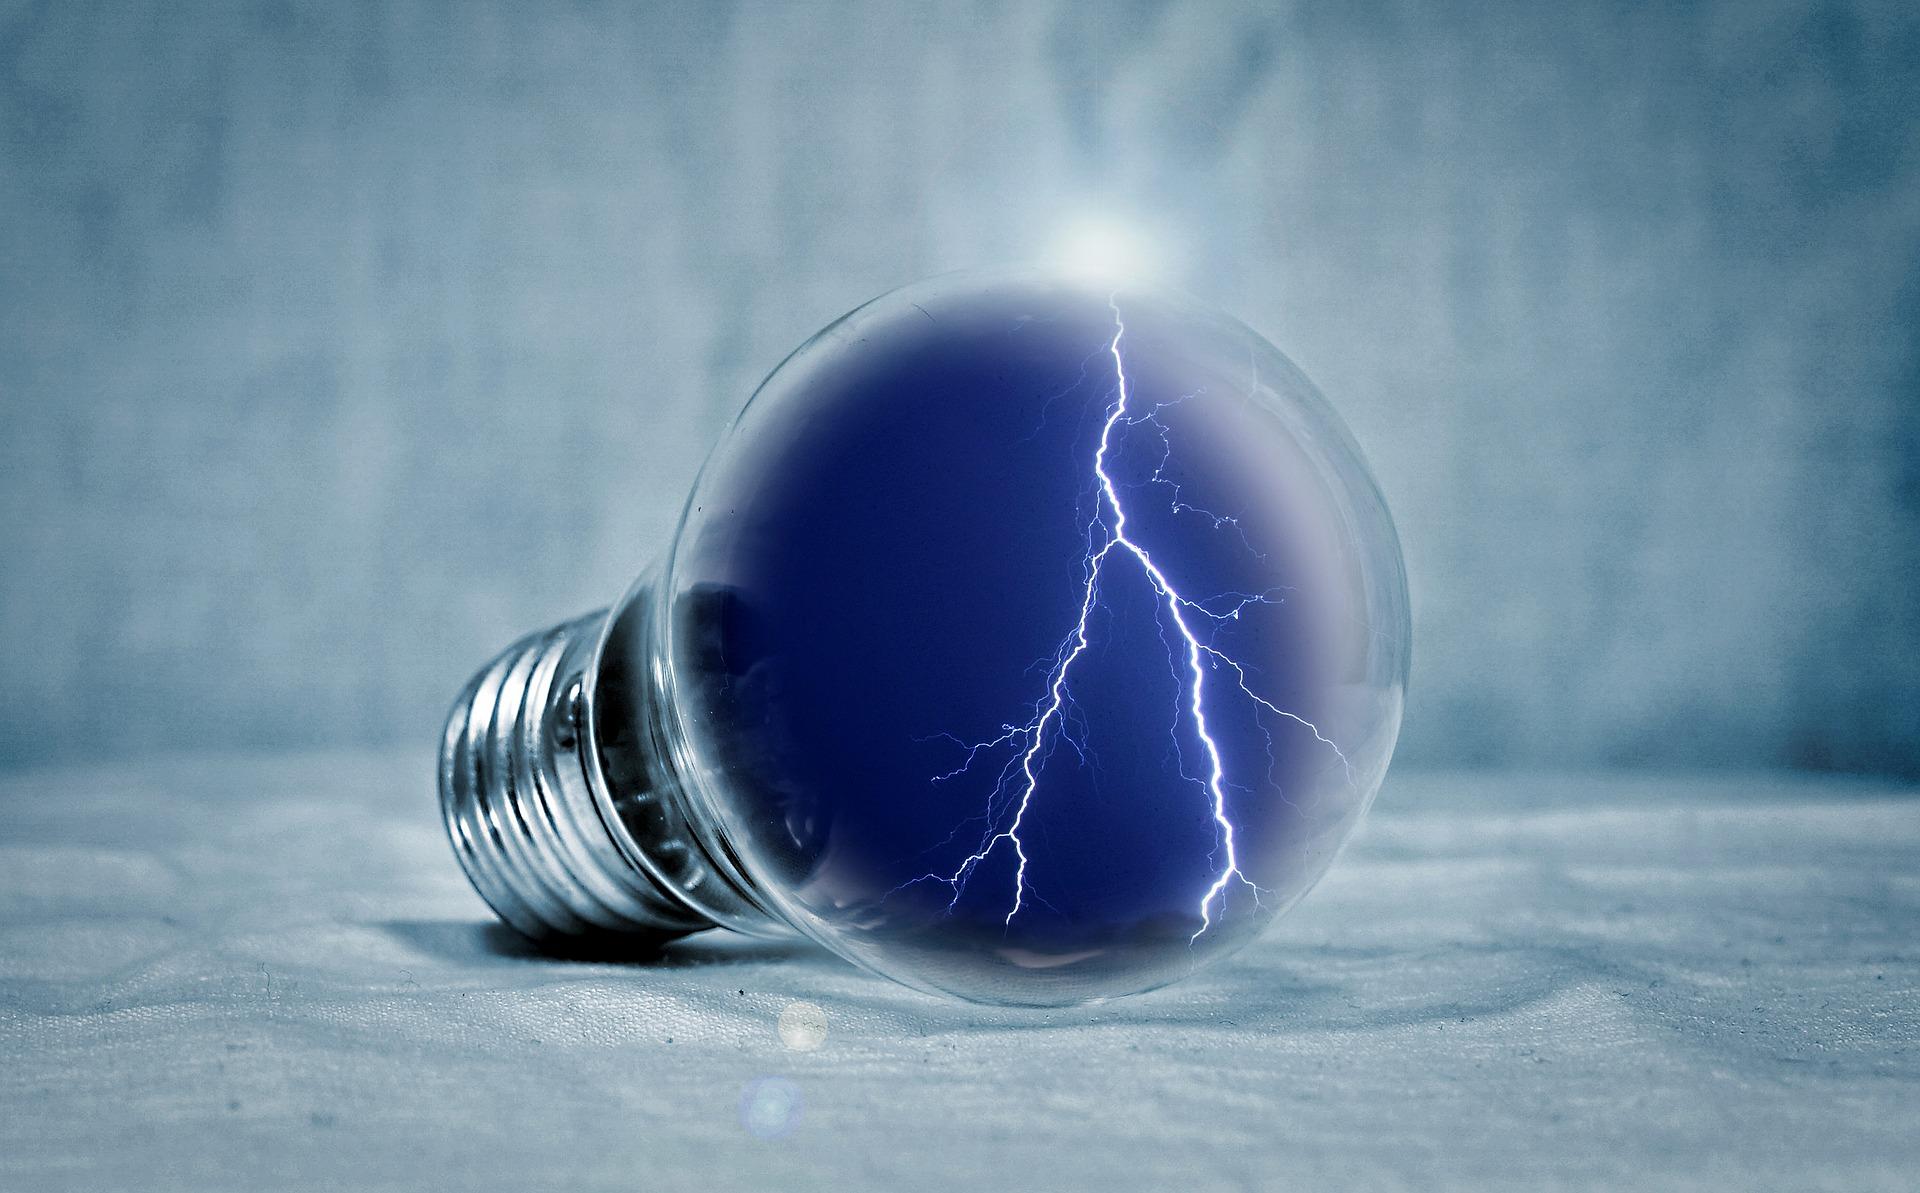 light-bulb-2577139_1920